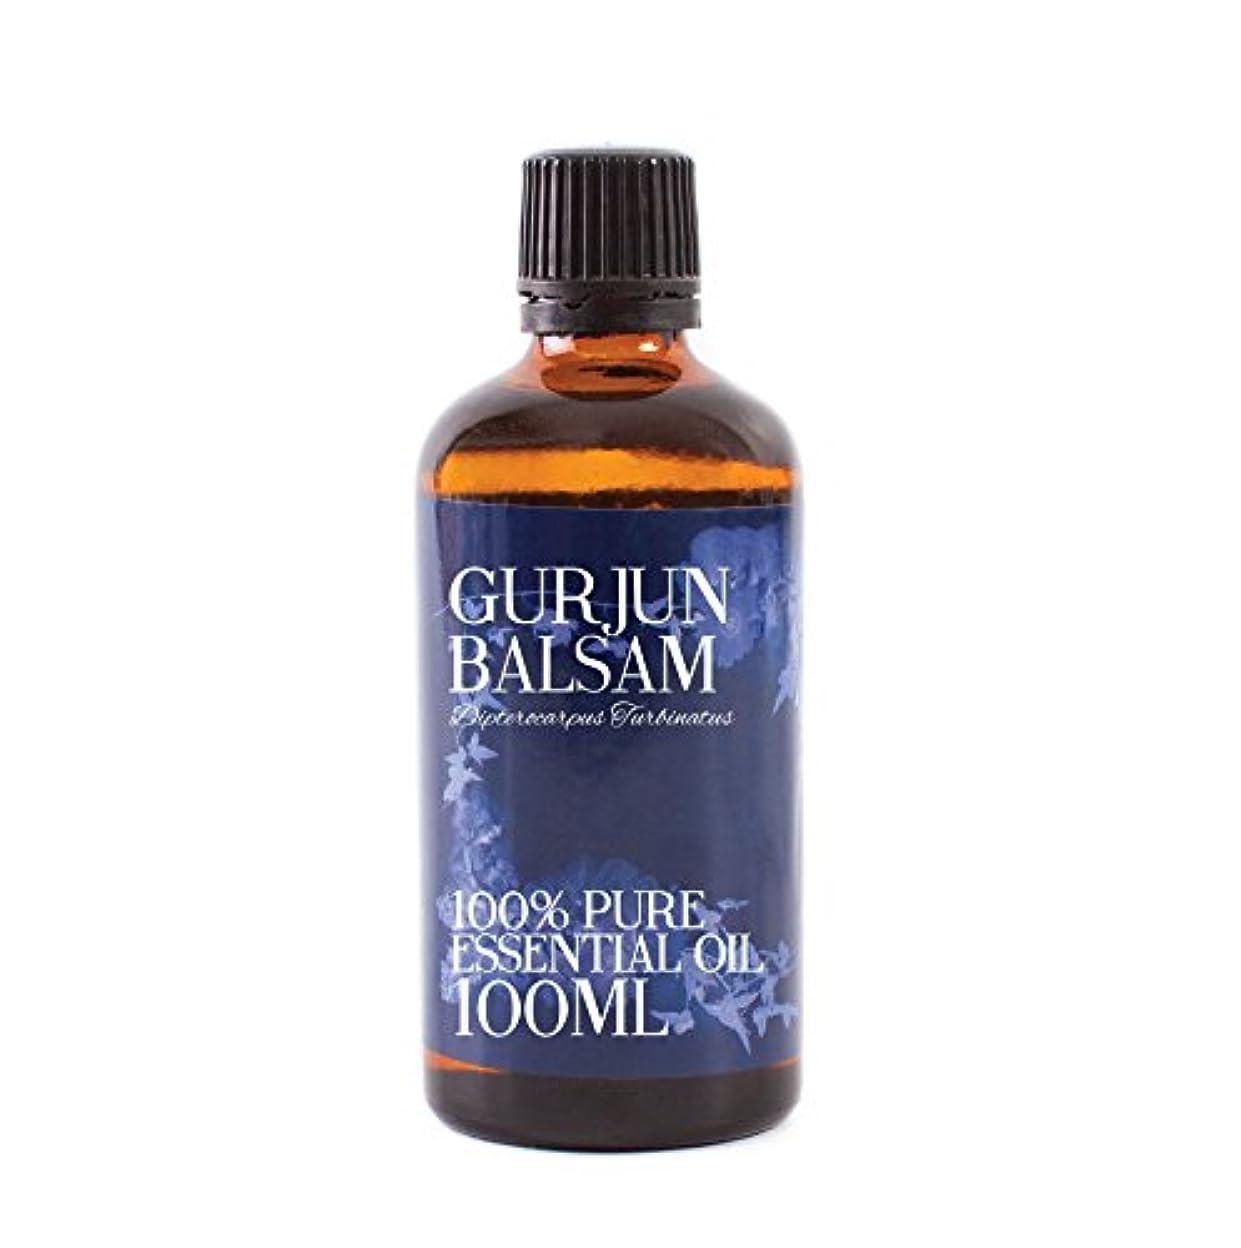 解任黒板感じMystic Moments   Gurjun Balsam Essential Oil - 100ml - 100% Pure